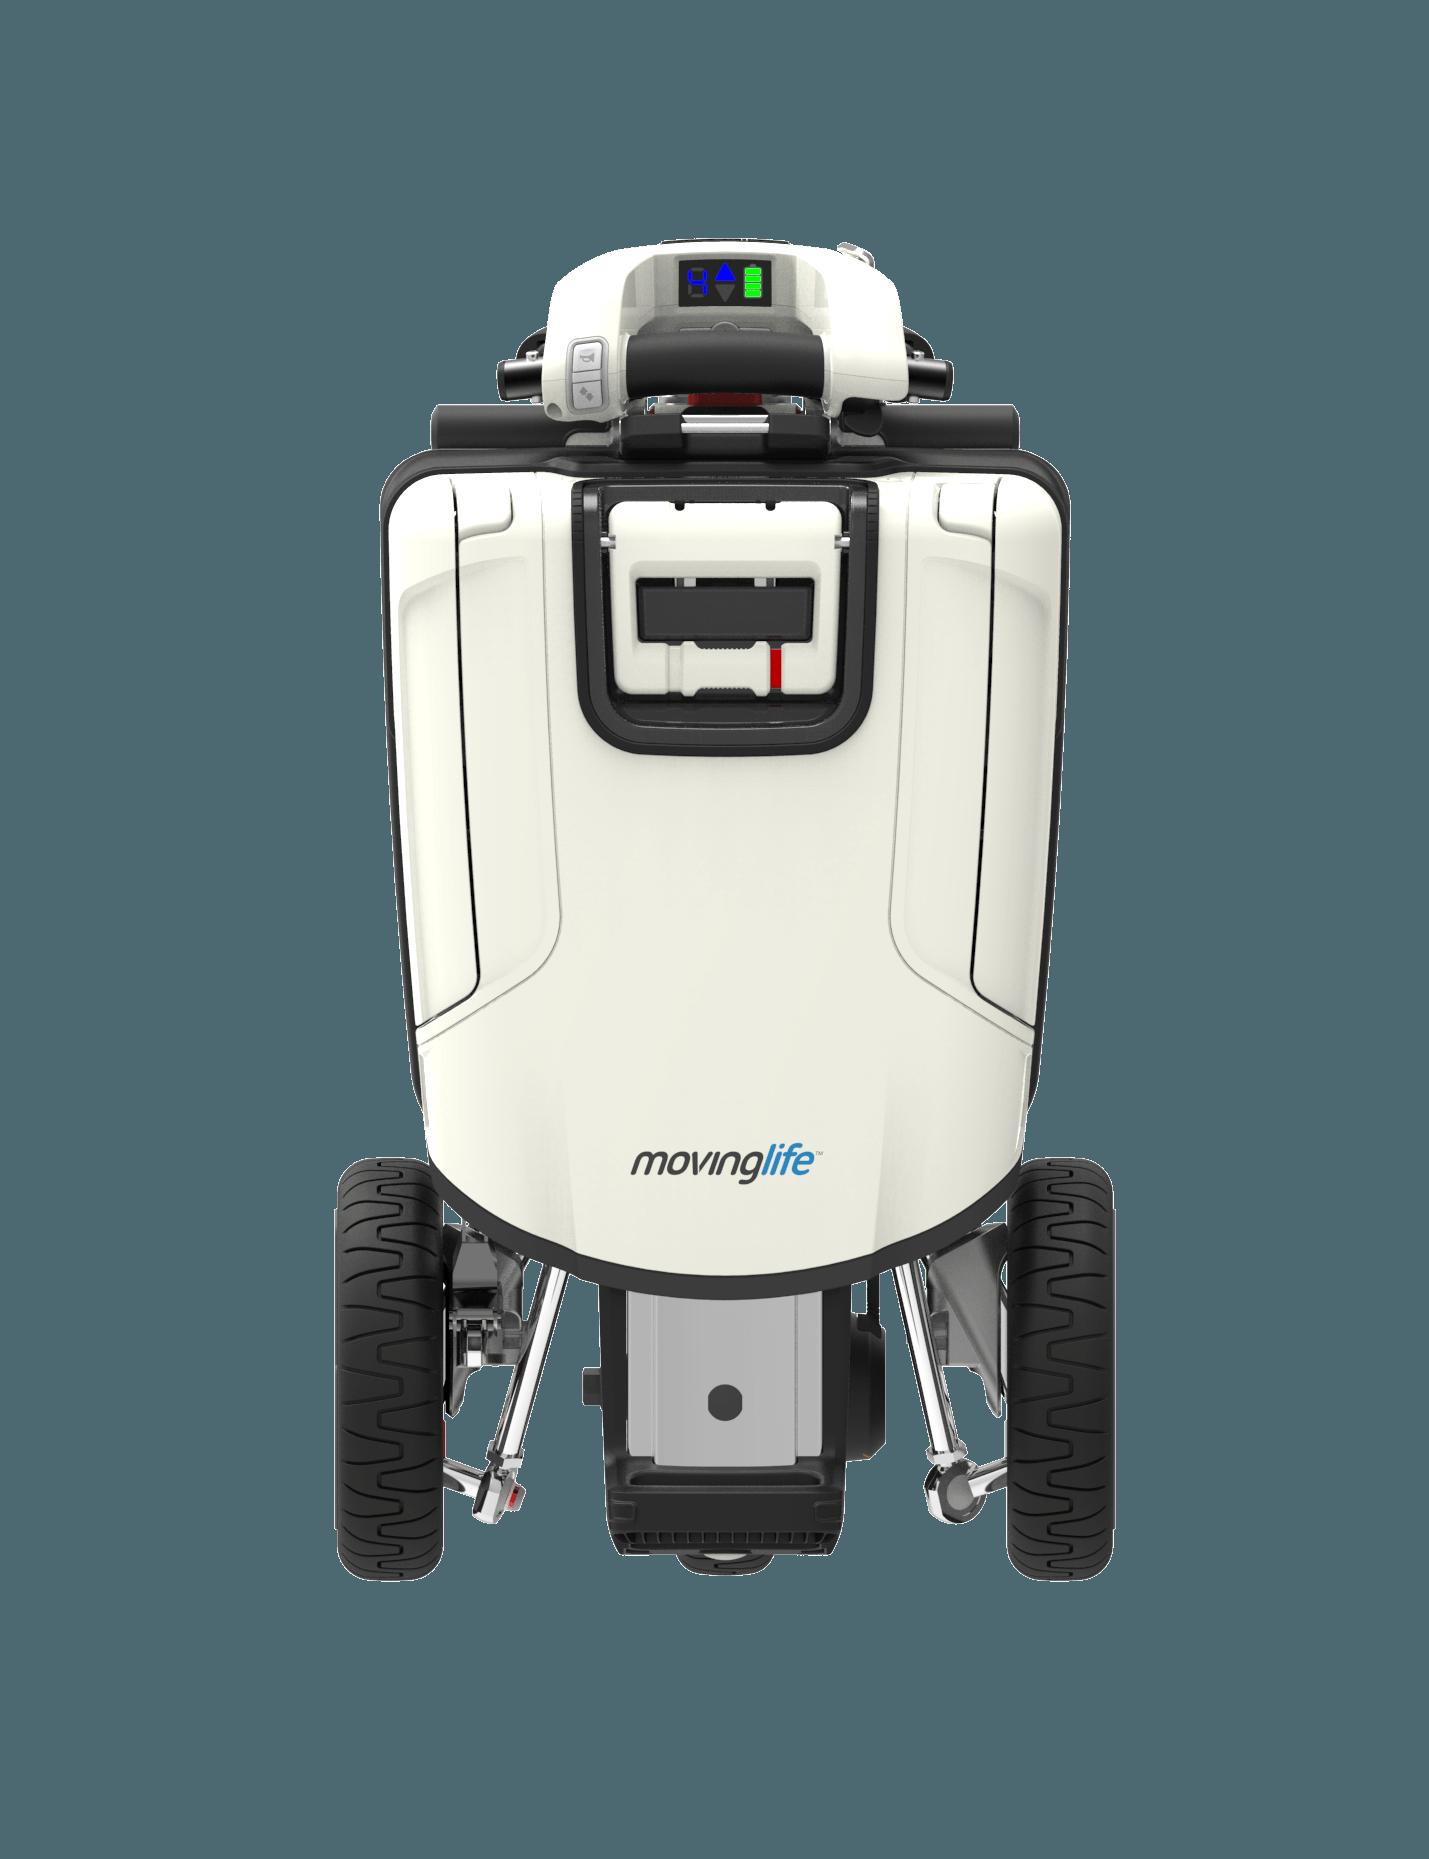 de enige en eerste opvouwbare mobiliteitsscooter